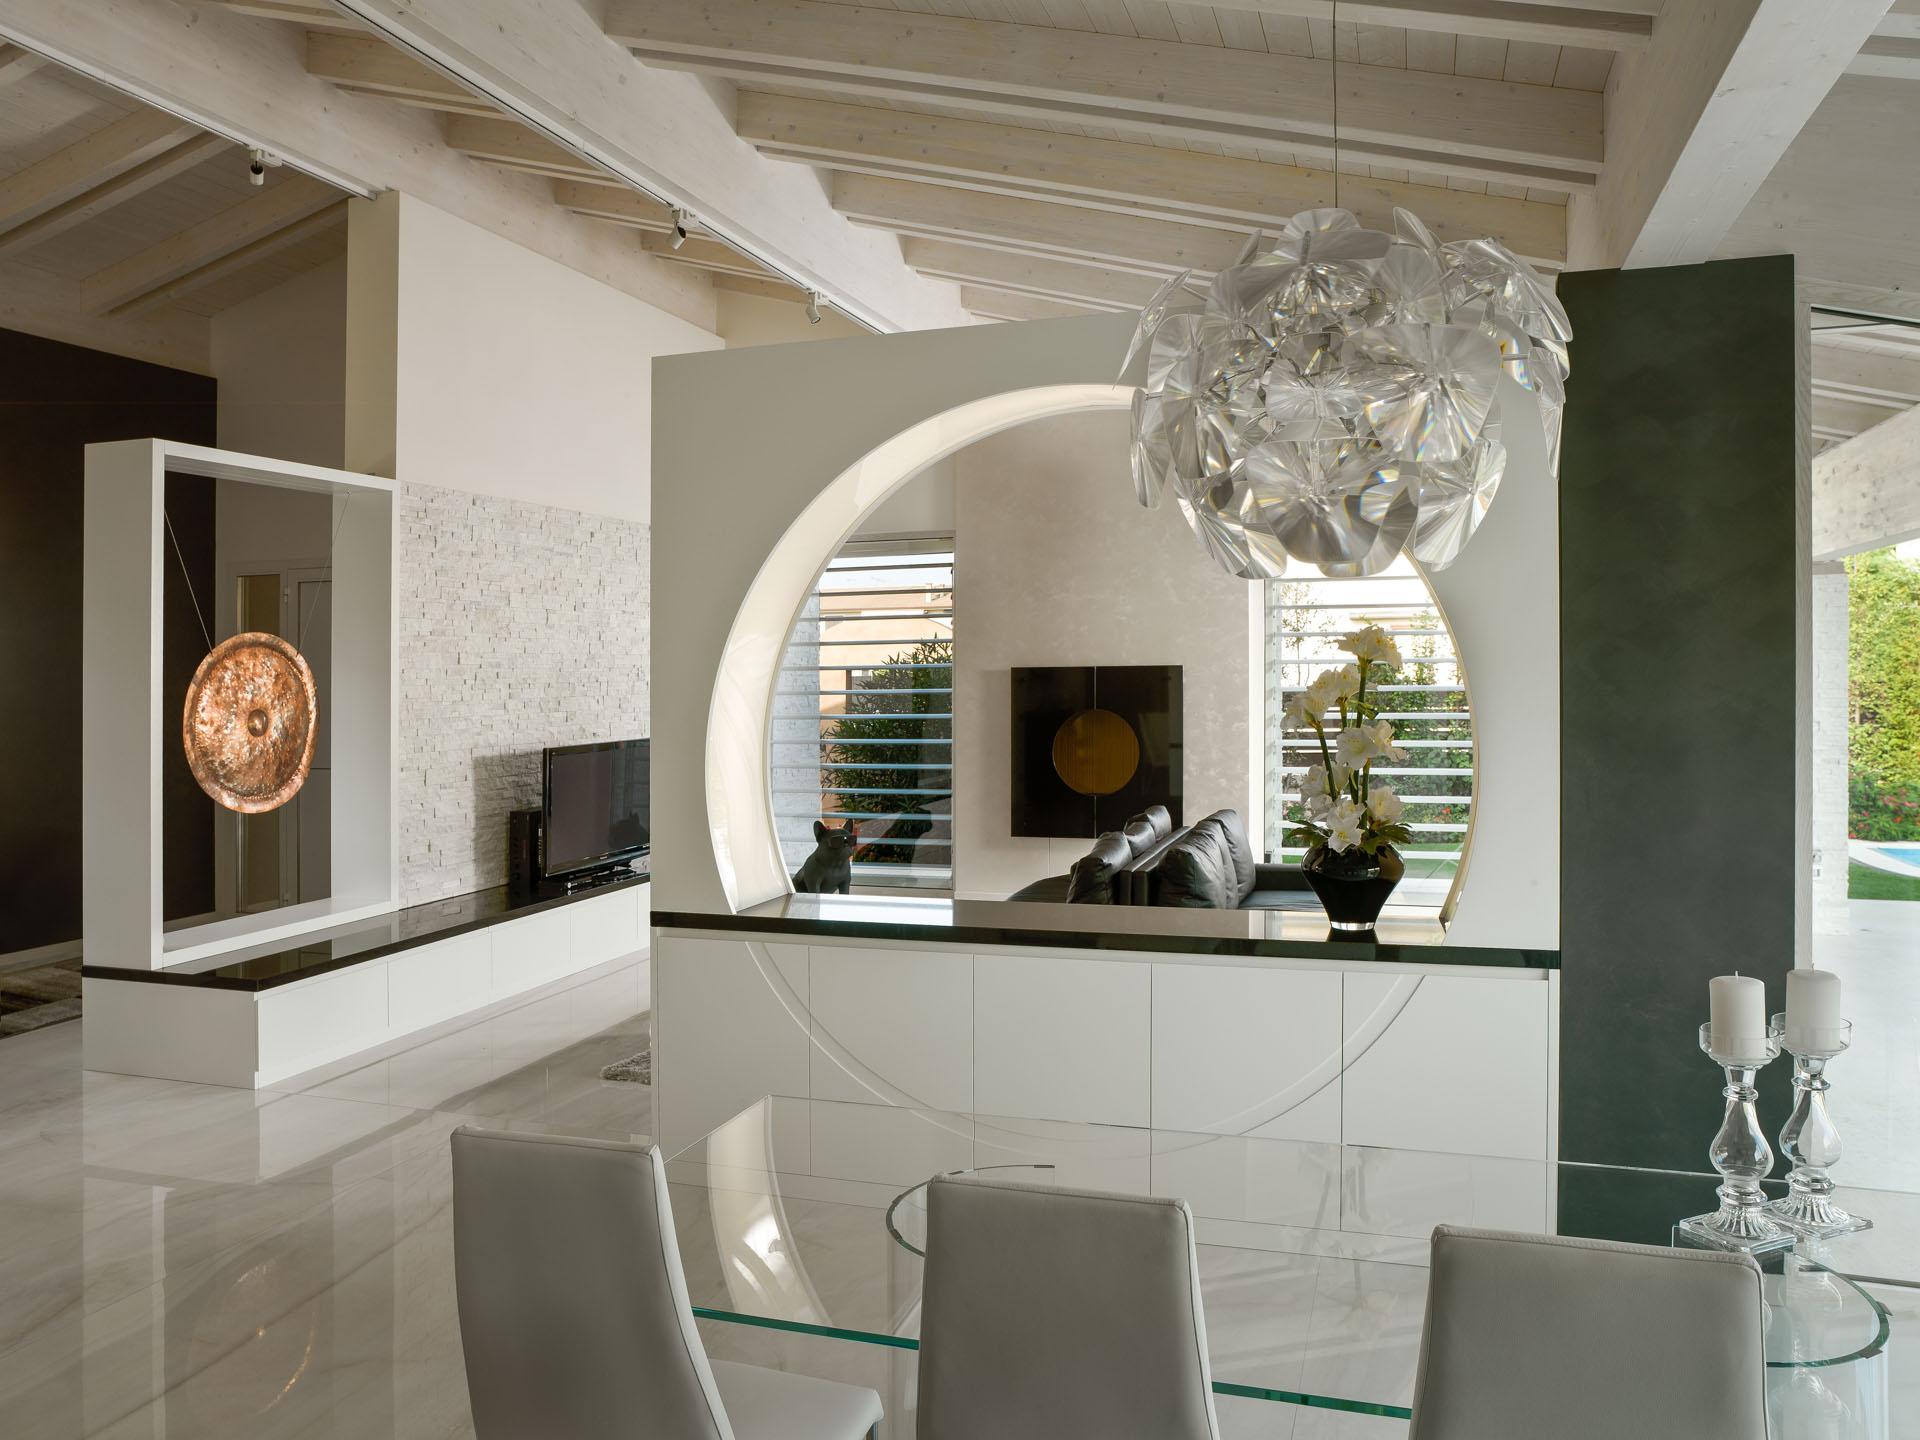 simone casarotto architetto di interni interior designer villa casa arredatore castiglione delle stiviere mantova living